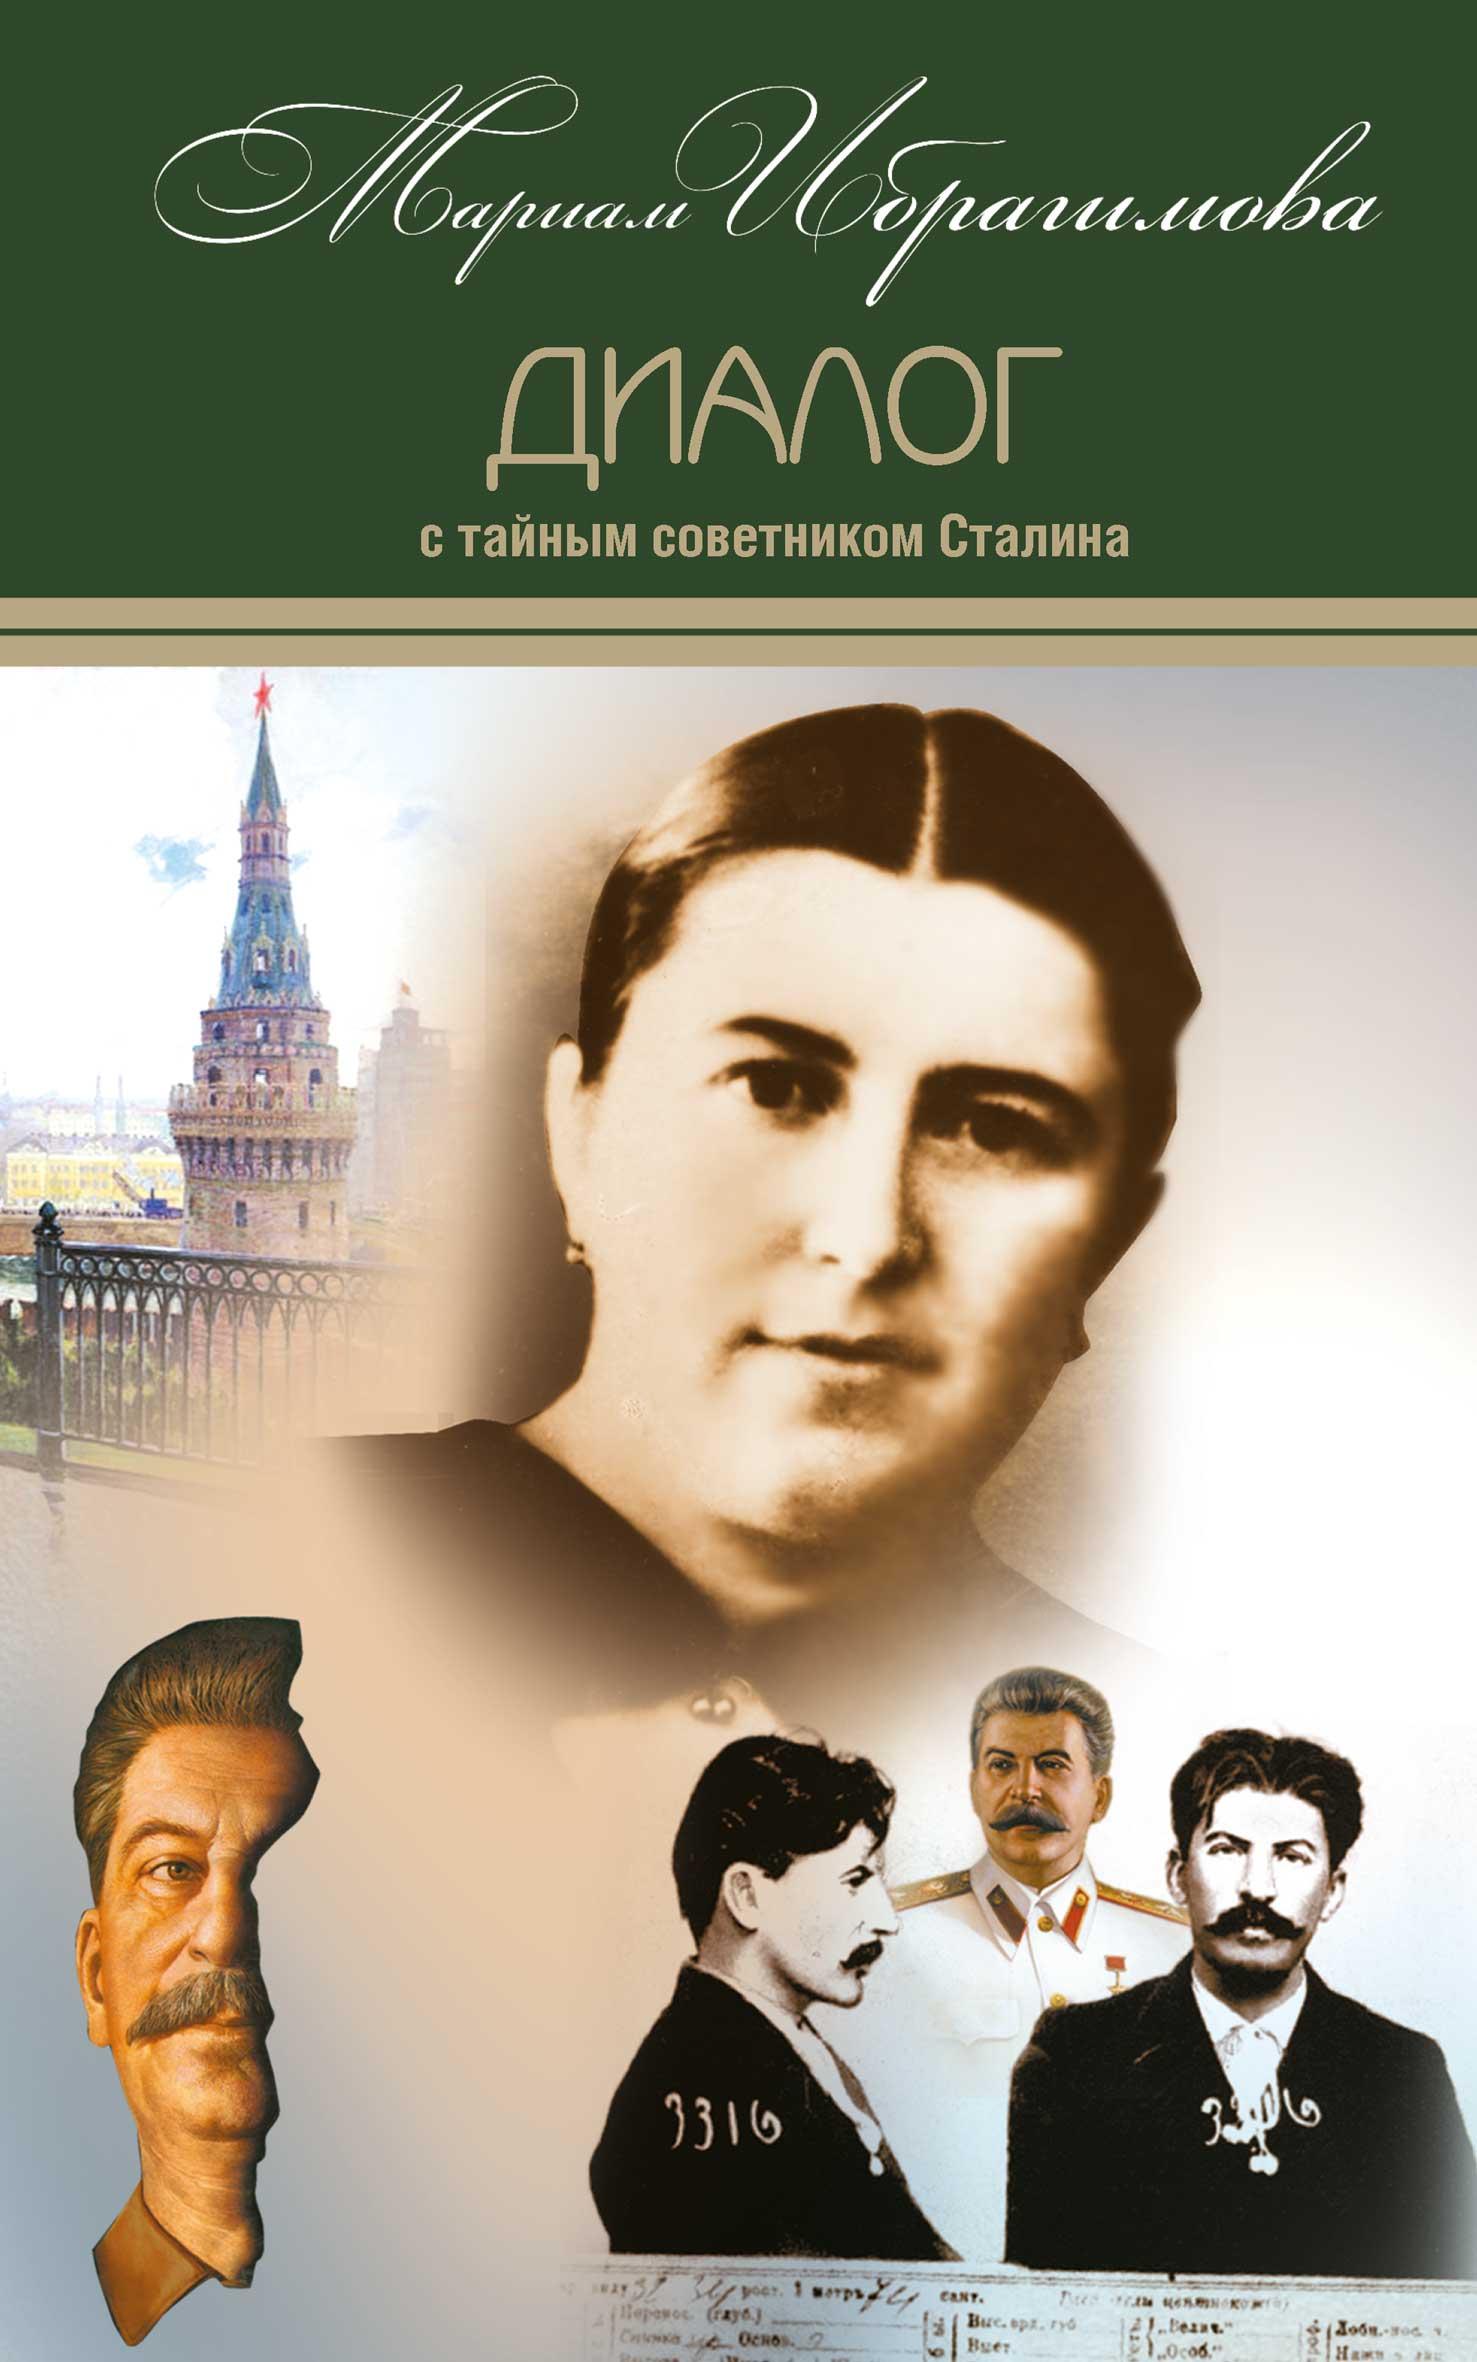 Диалог с тайным советником Сталина_М. И. Ибрагимова